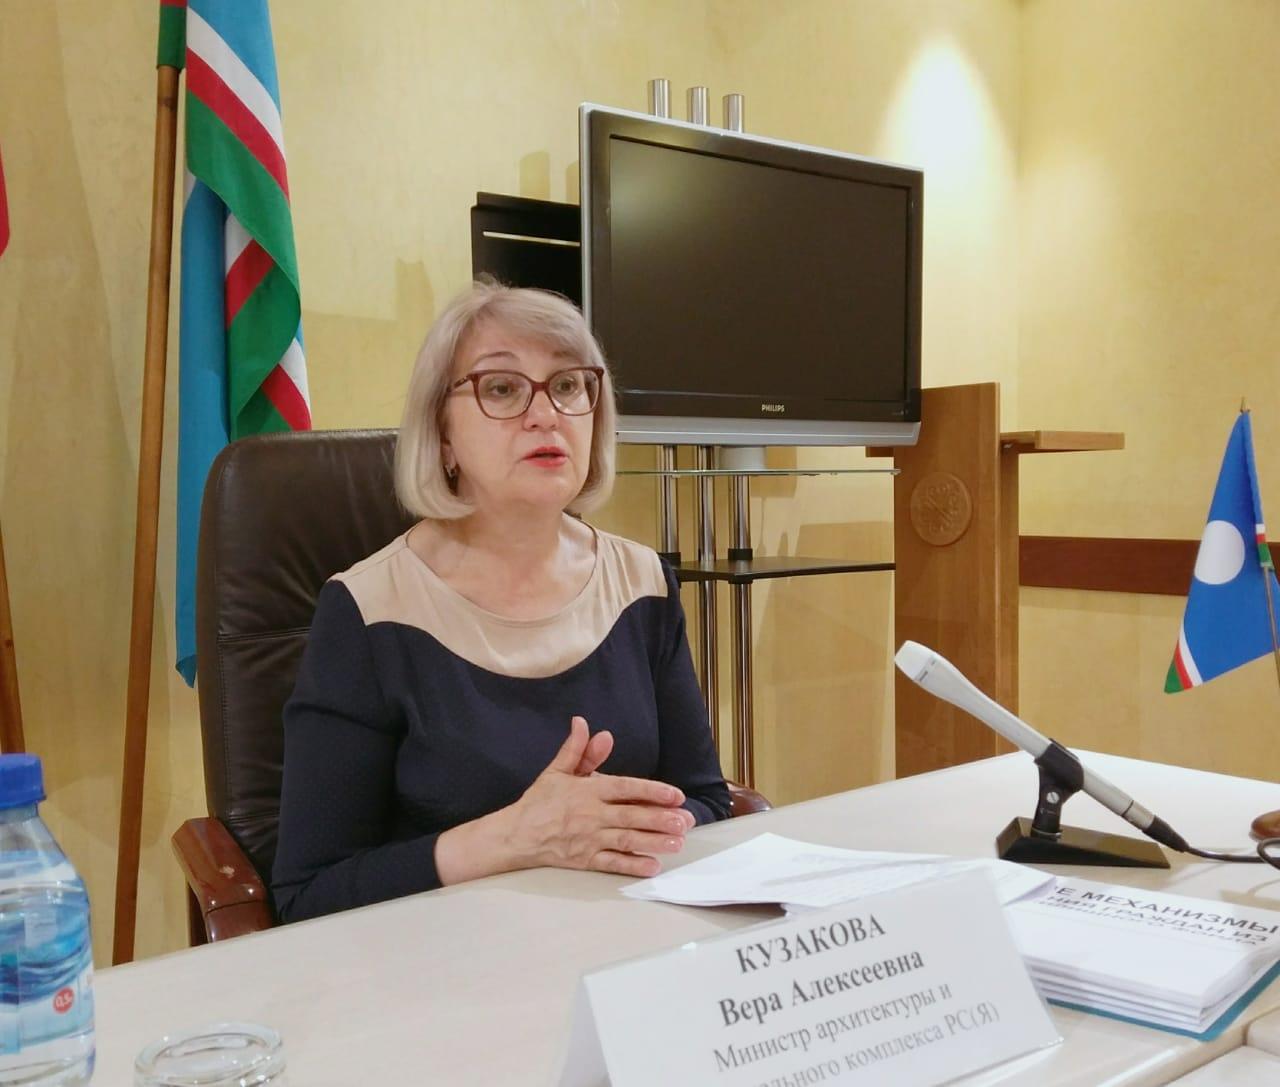 Полтора миллиарда рублей предусмотрено на улучшение жилищных условий якутян